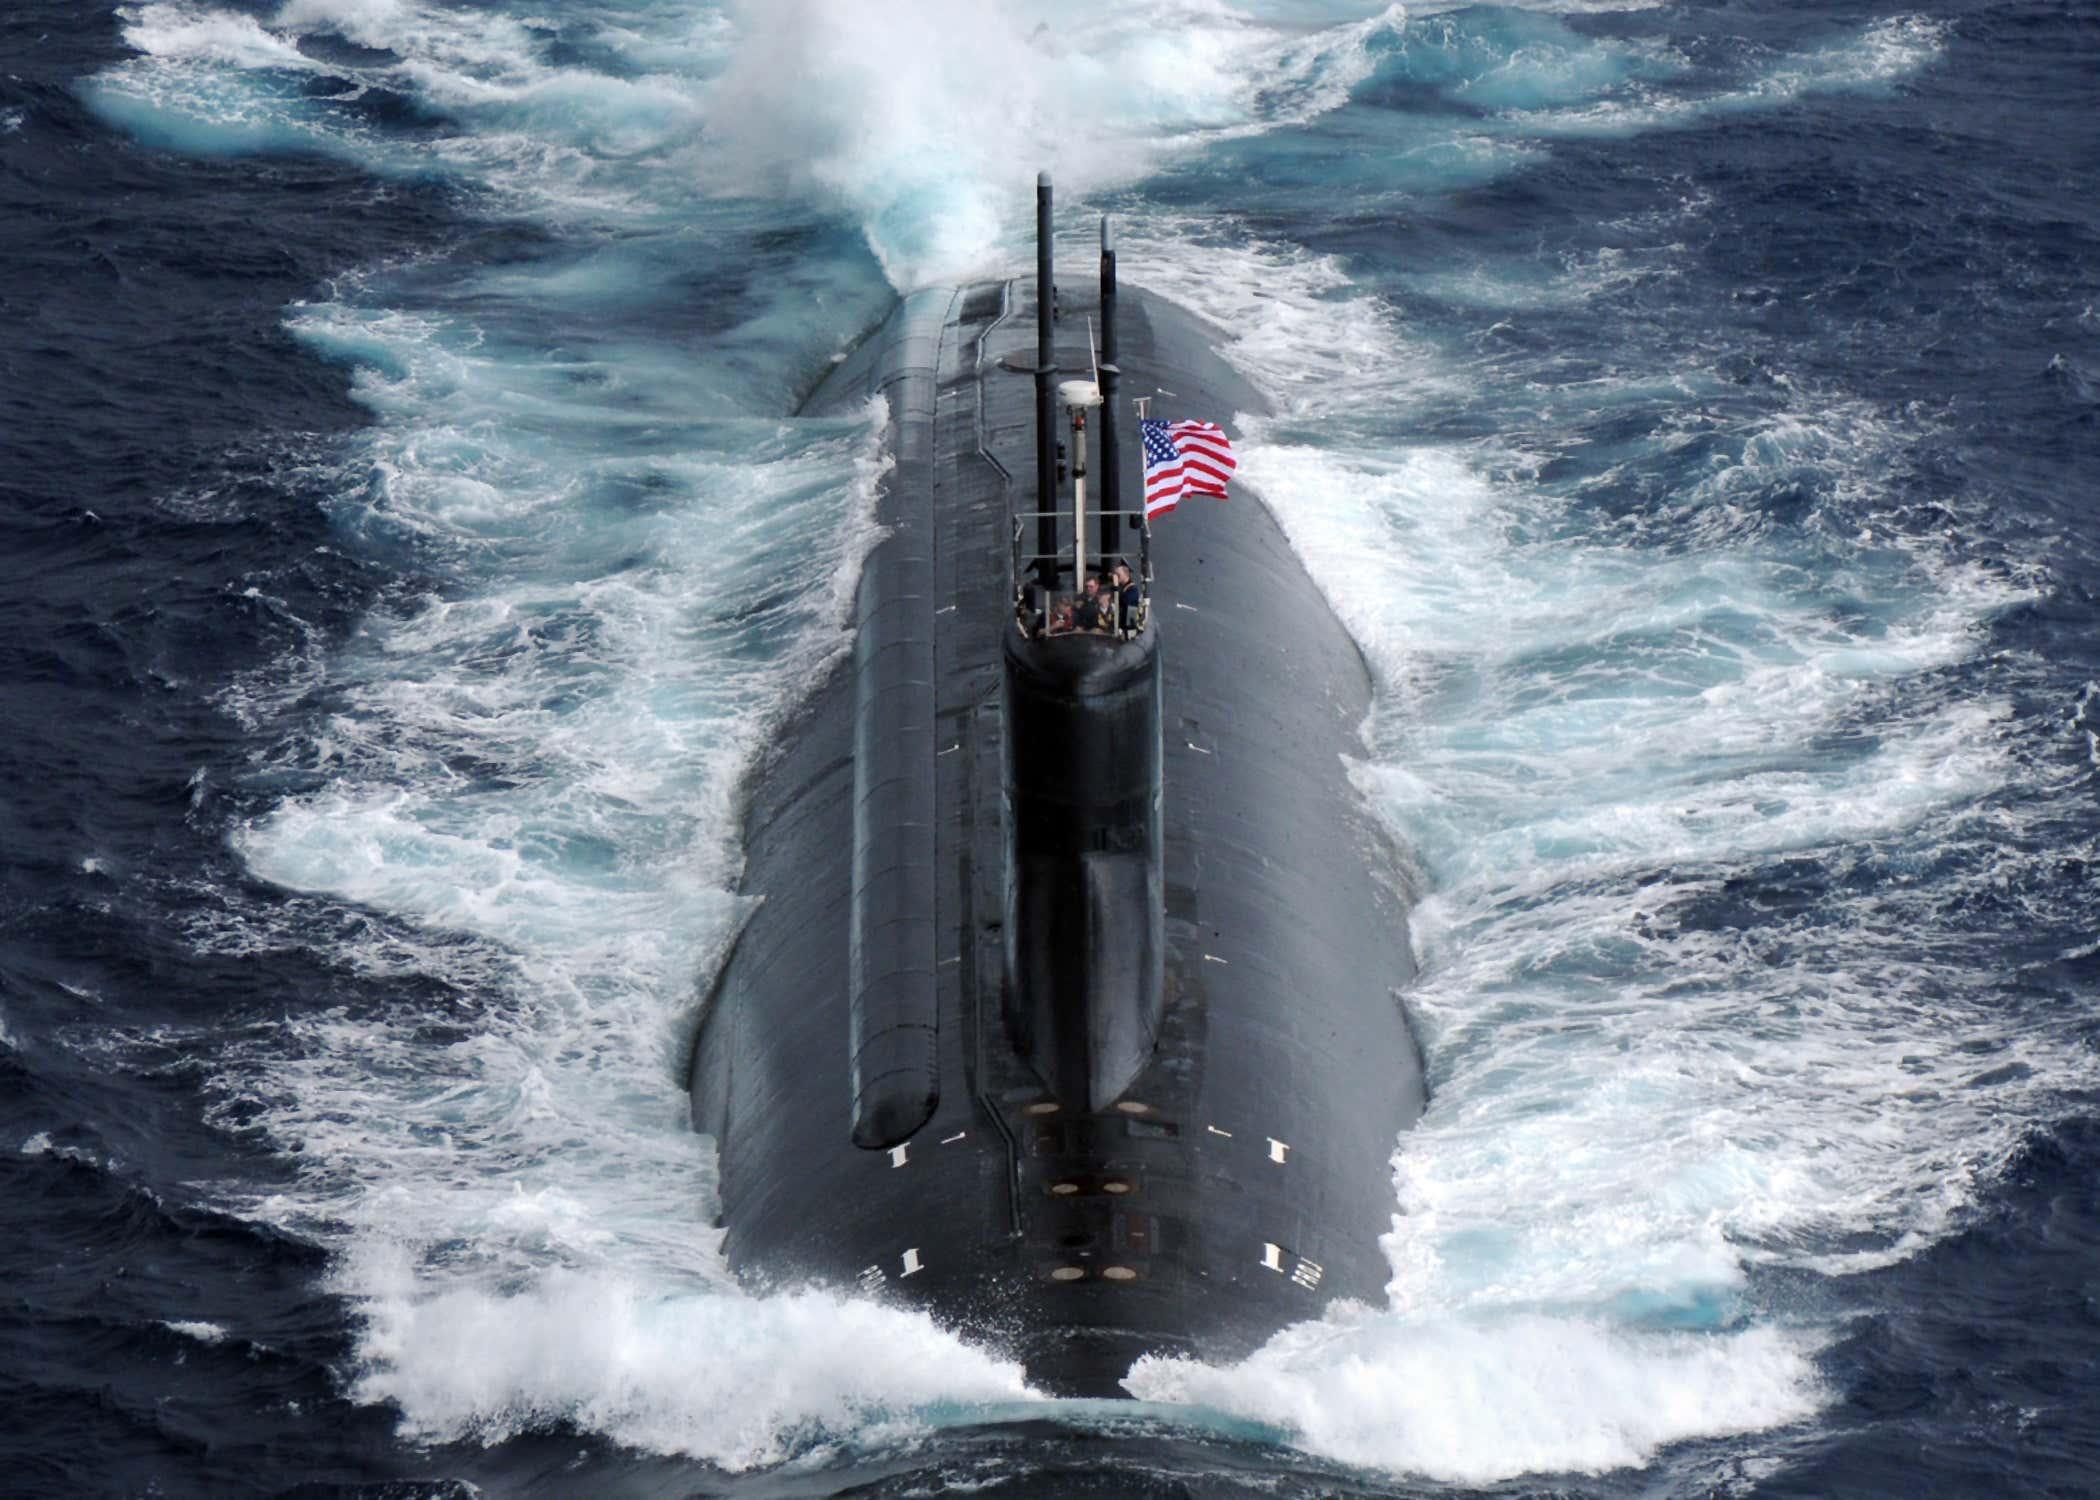 لماذا لا تزال الغواصات النووية بمليارات الدولارات تعمل في أشياء تحت الماء  🚀